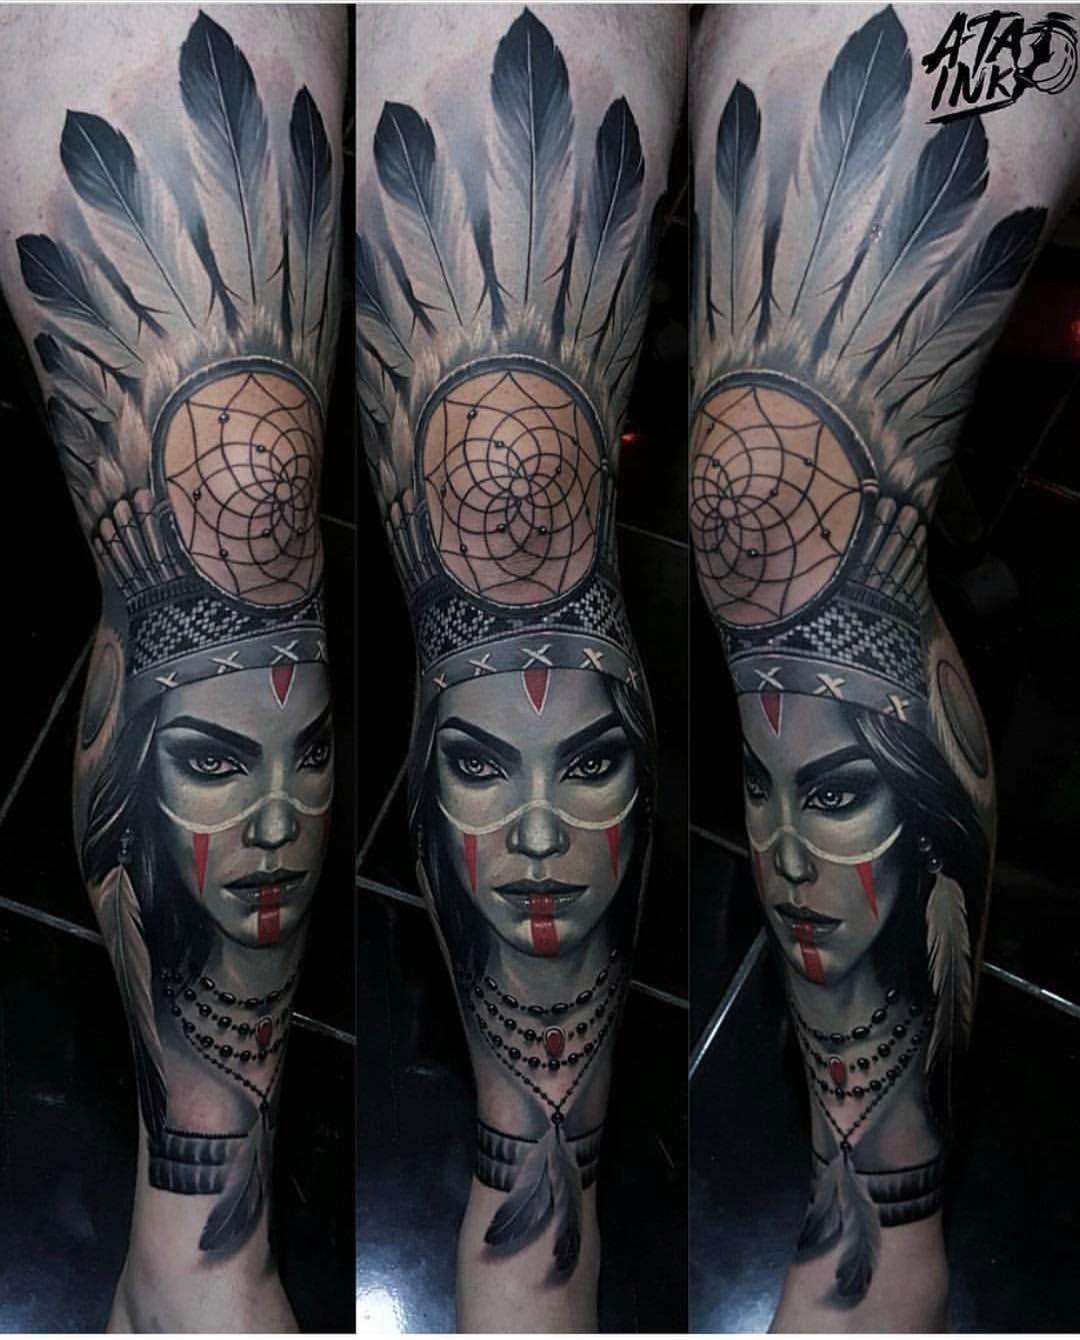 Amazing Art By Ata Ink Inked Inkedmag Inkedgirls Inkedshop